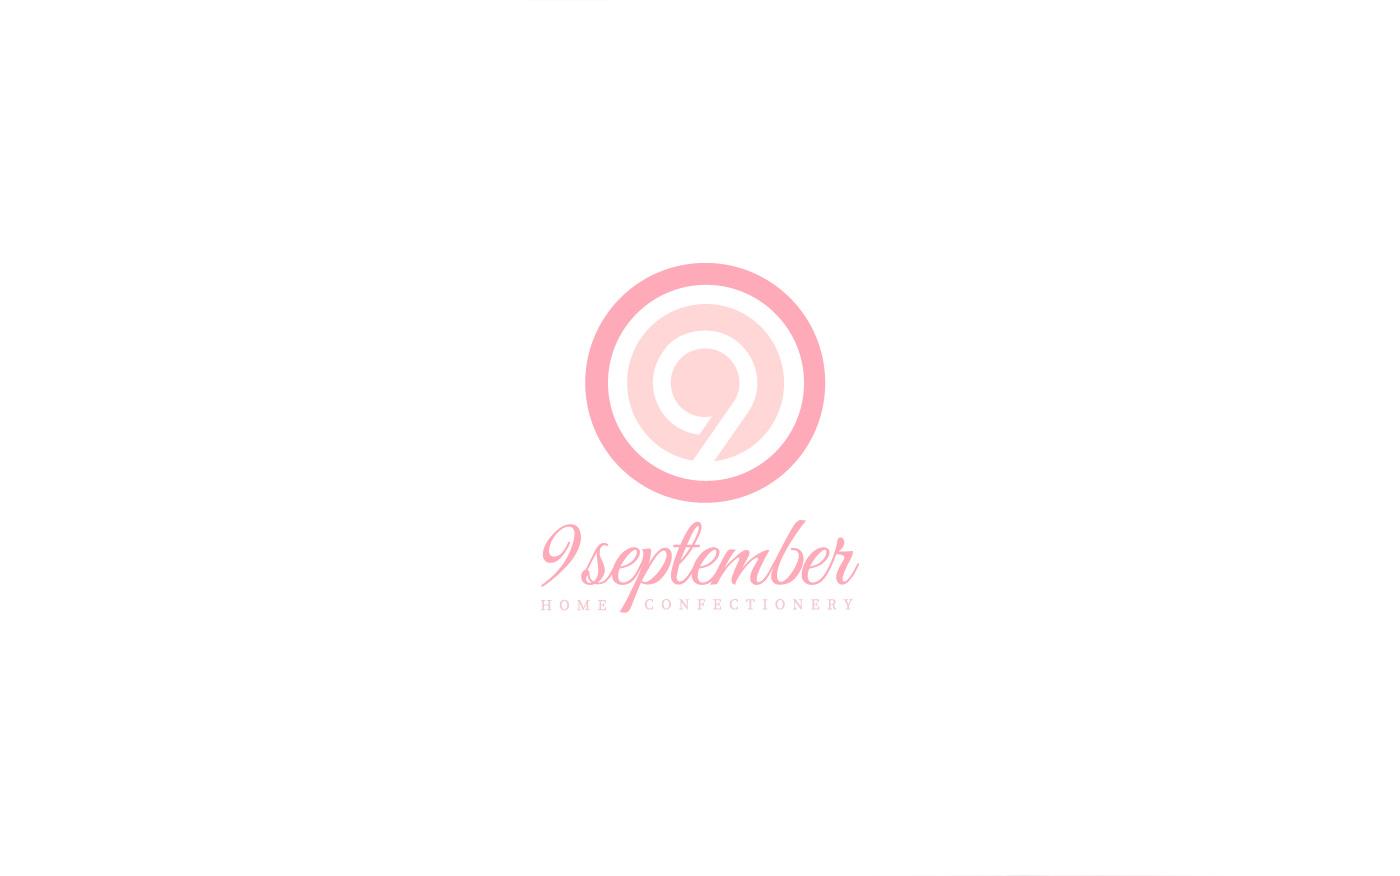 9 September logotype